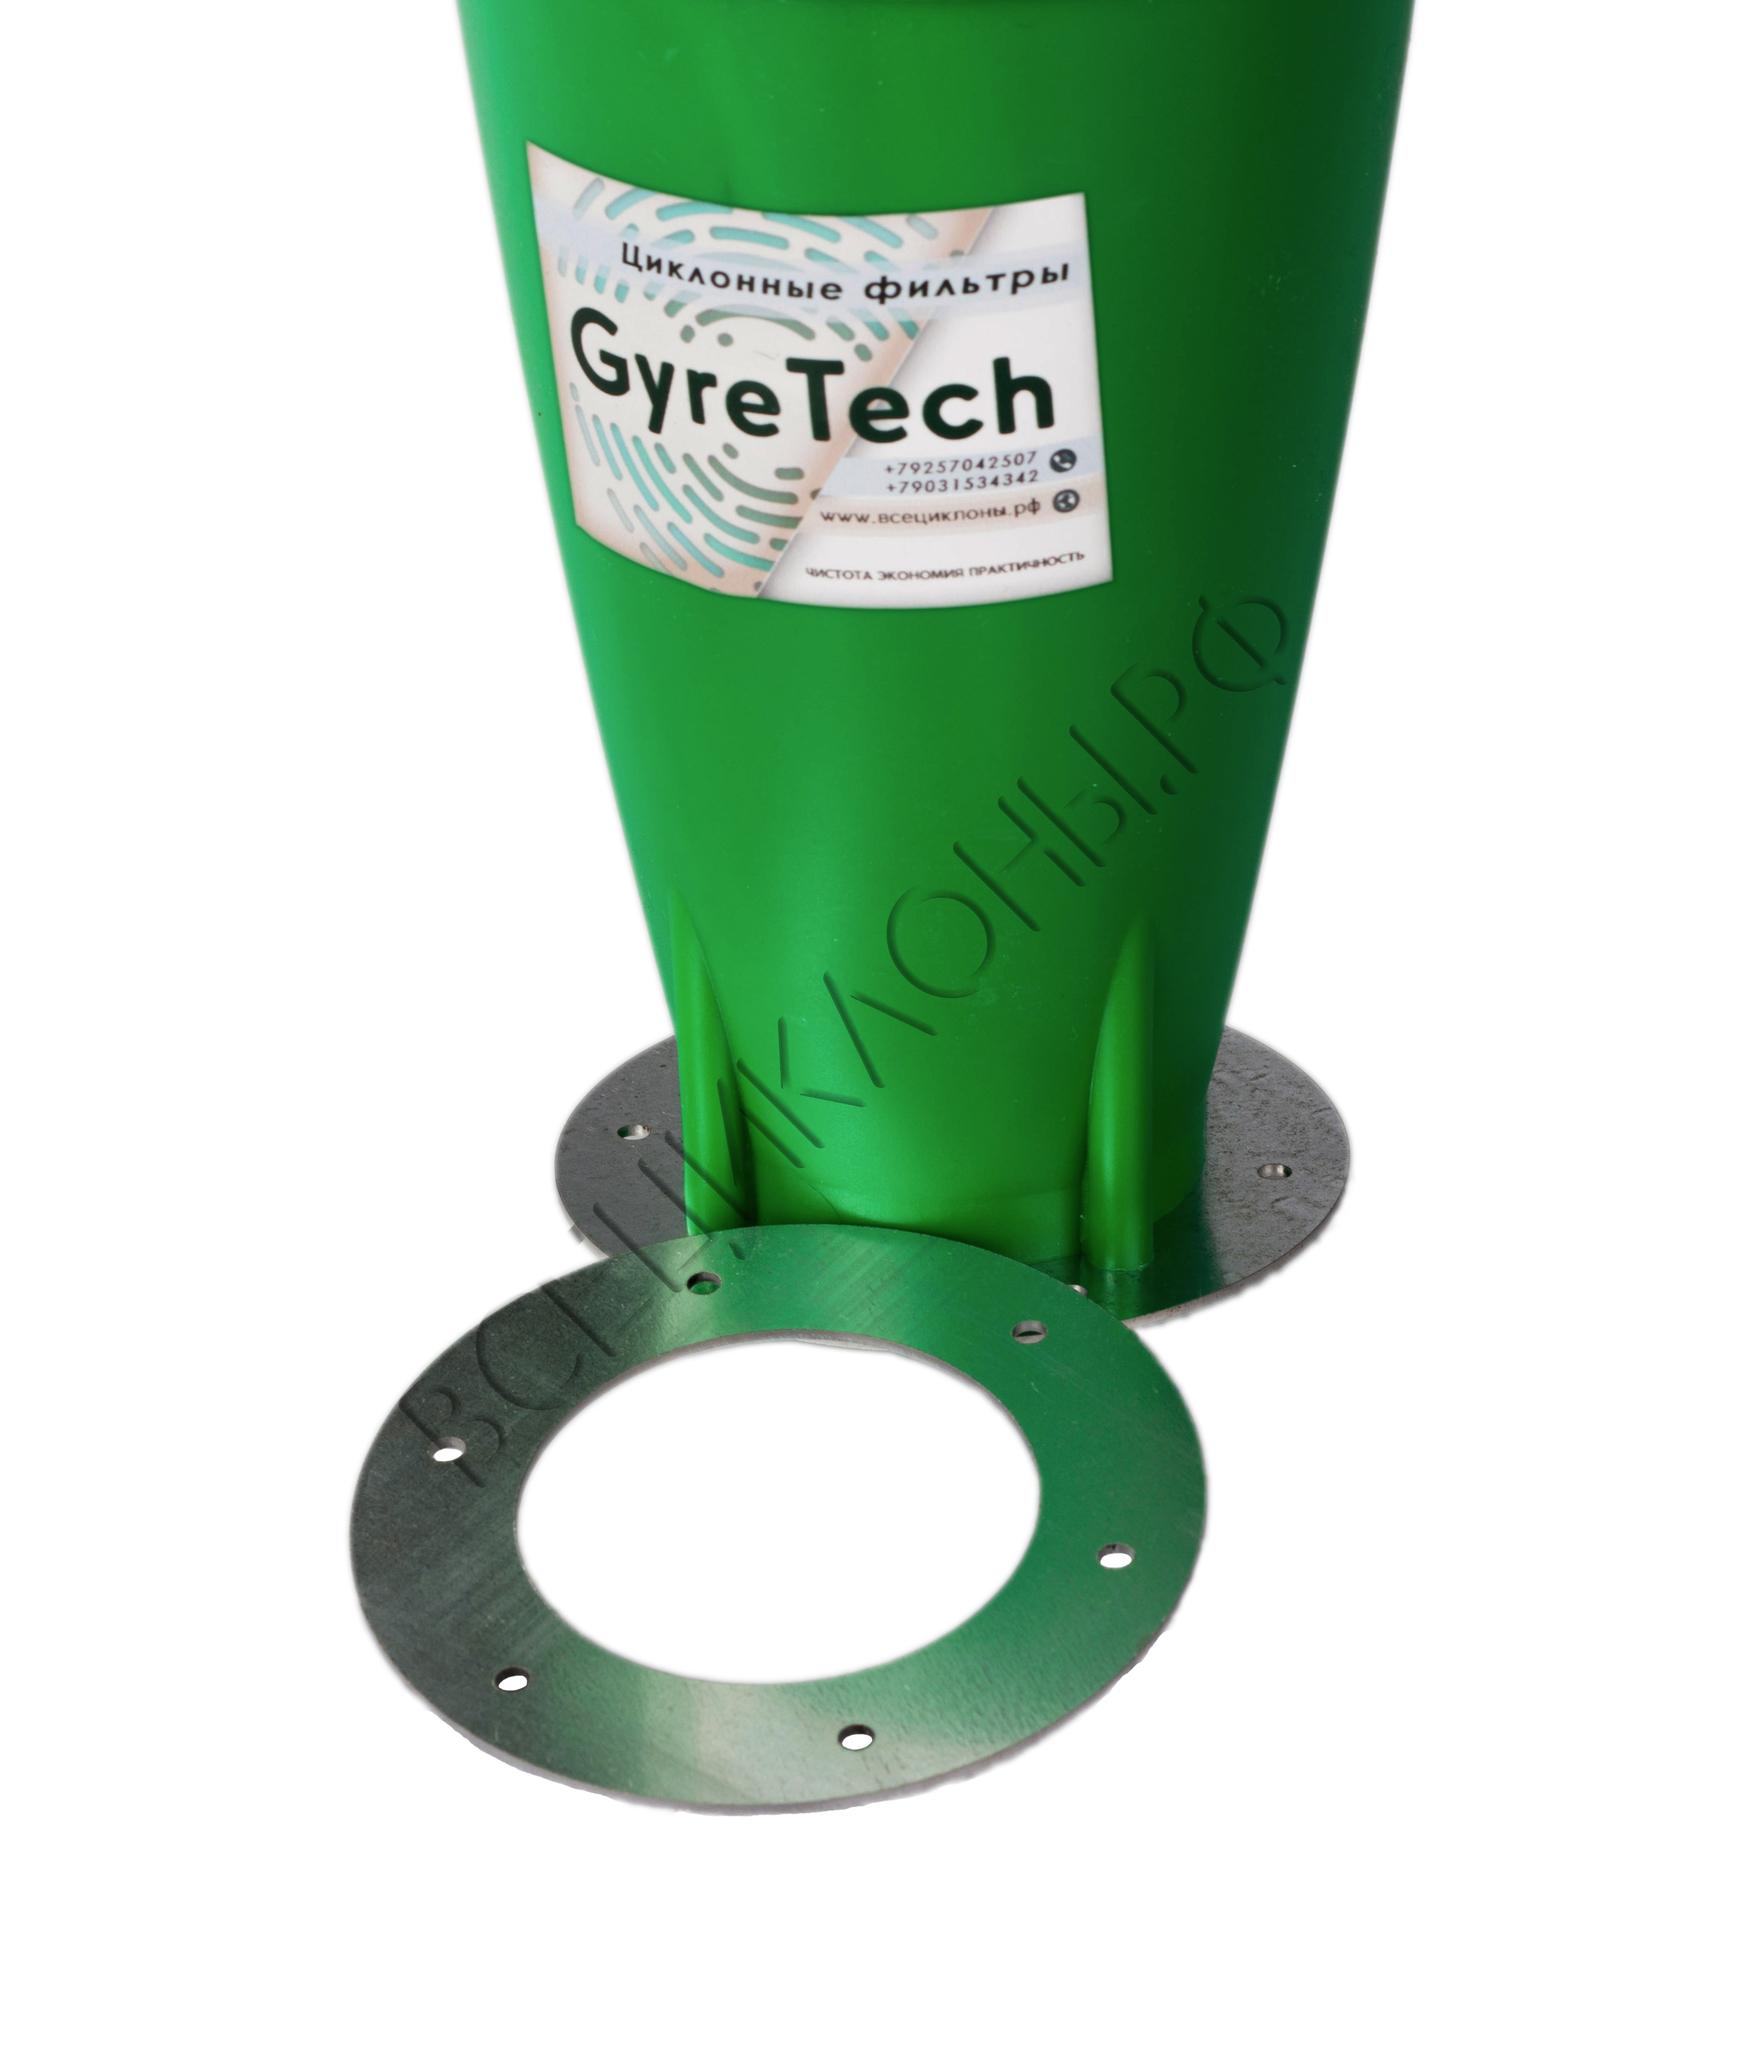 Комплект из опорного и ответного фланцев для циклонного фильтра М-2, циклонный фильтр продаётся отдельно